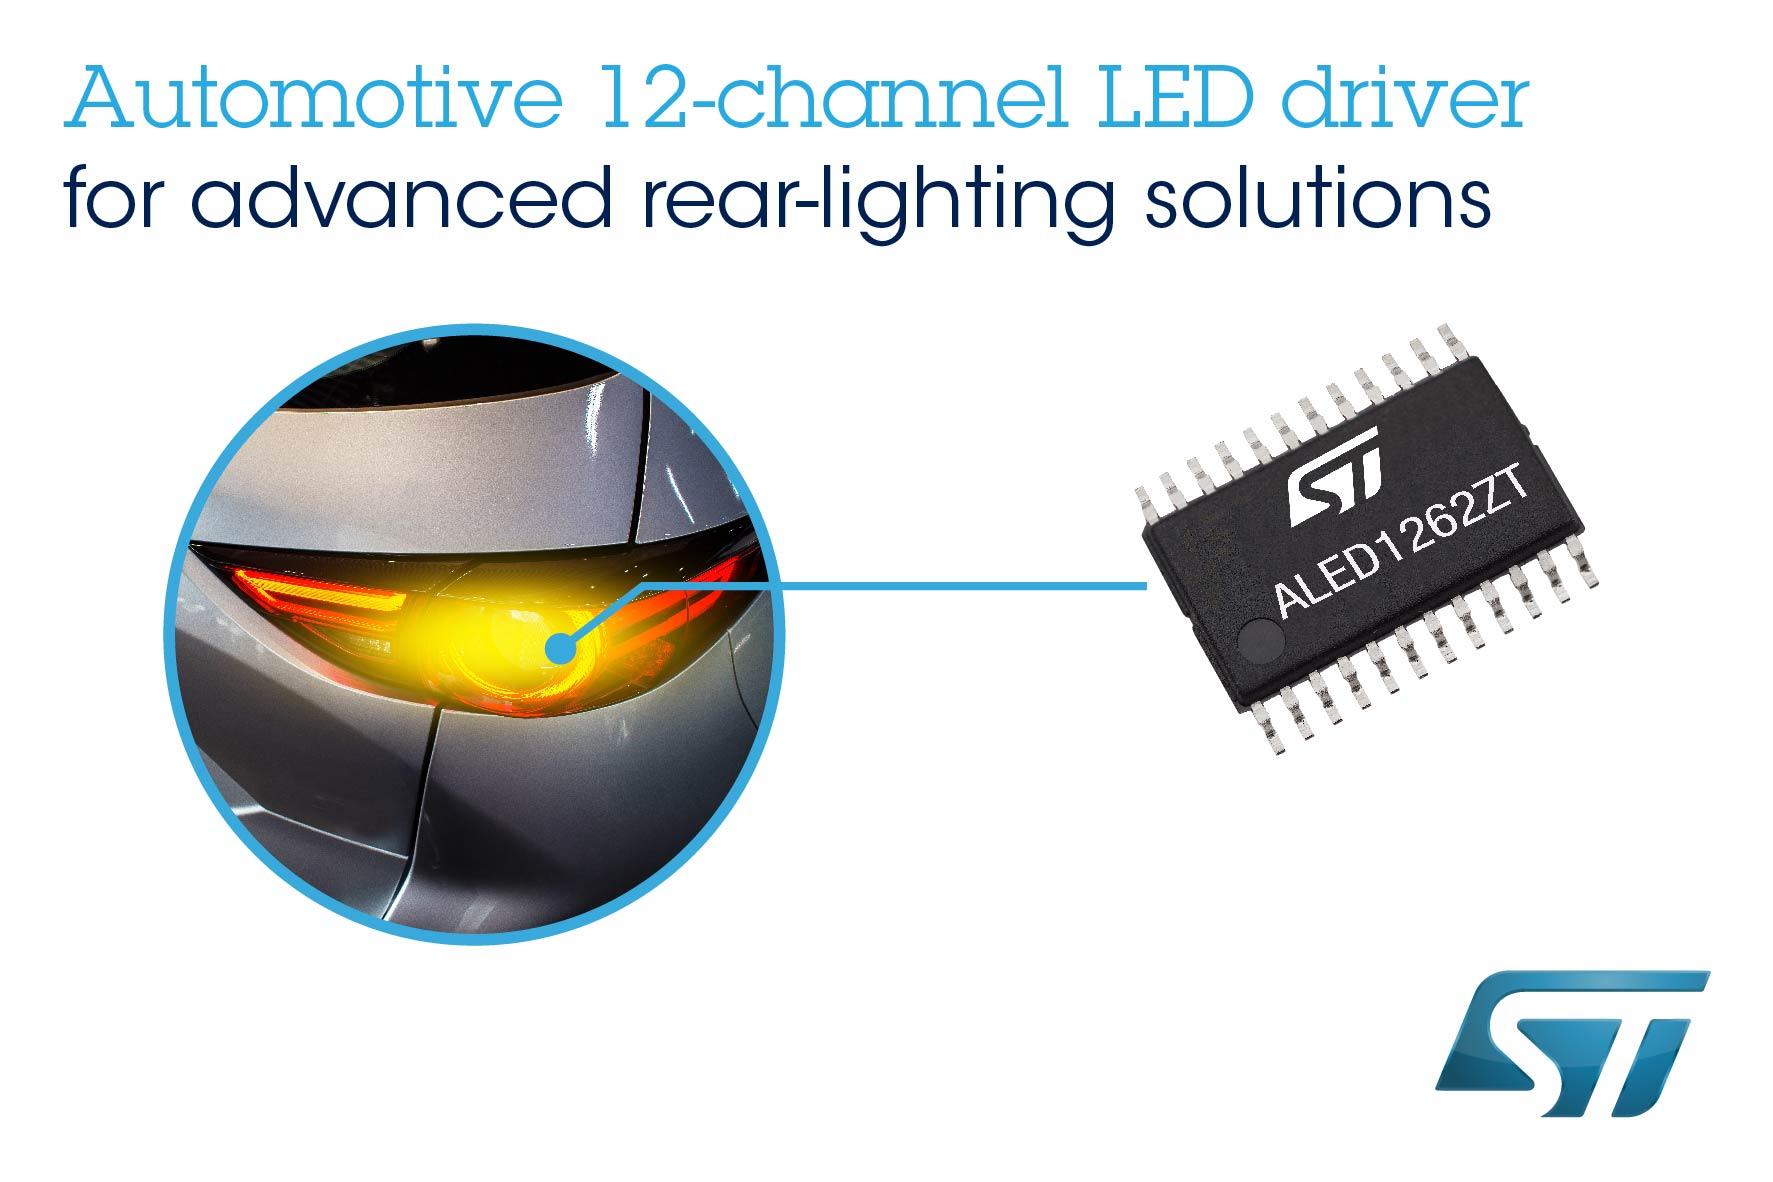 ST推出灵活的车规级12通道LED驱动芯片,简化当下最先进的车灯设计